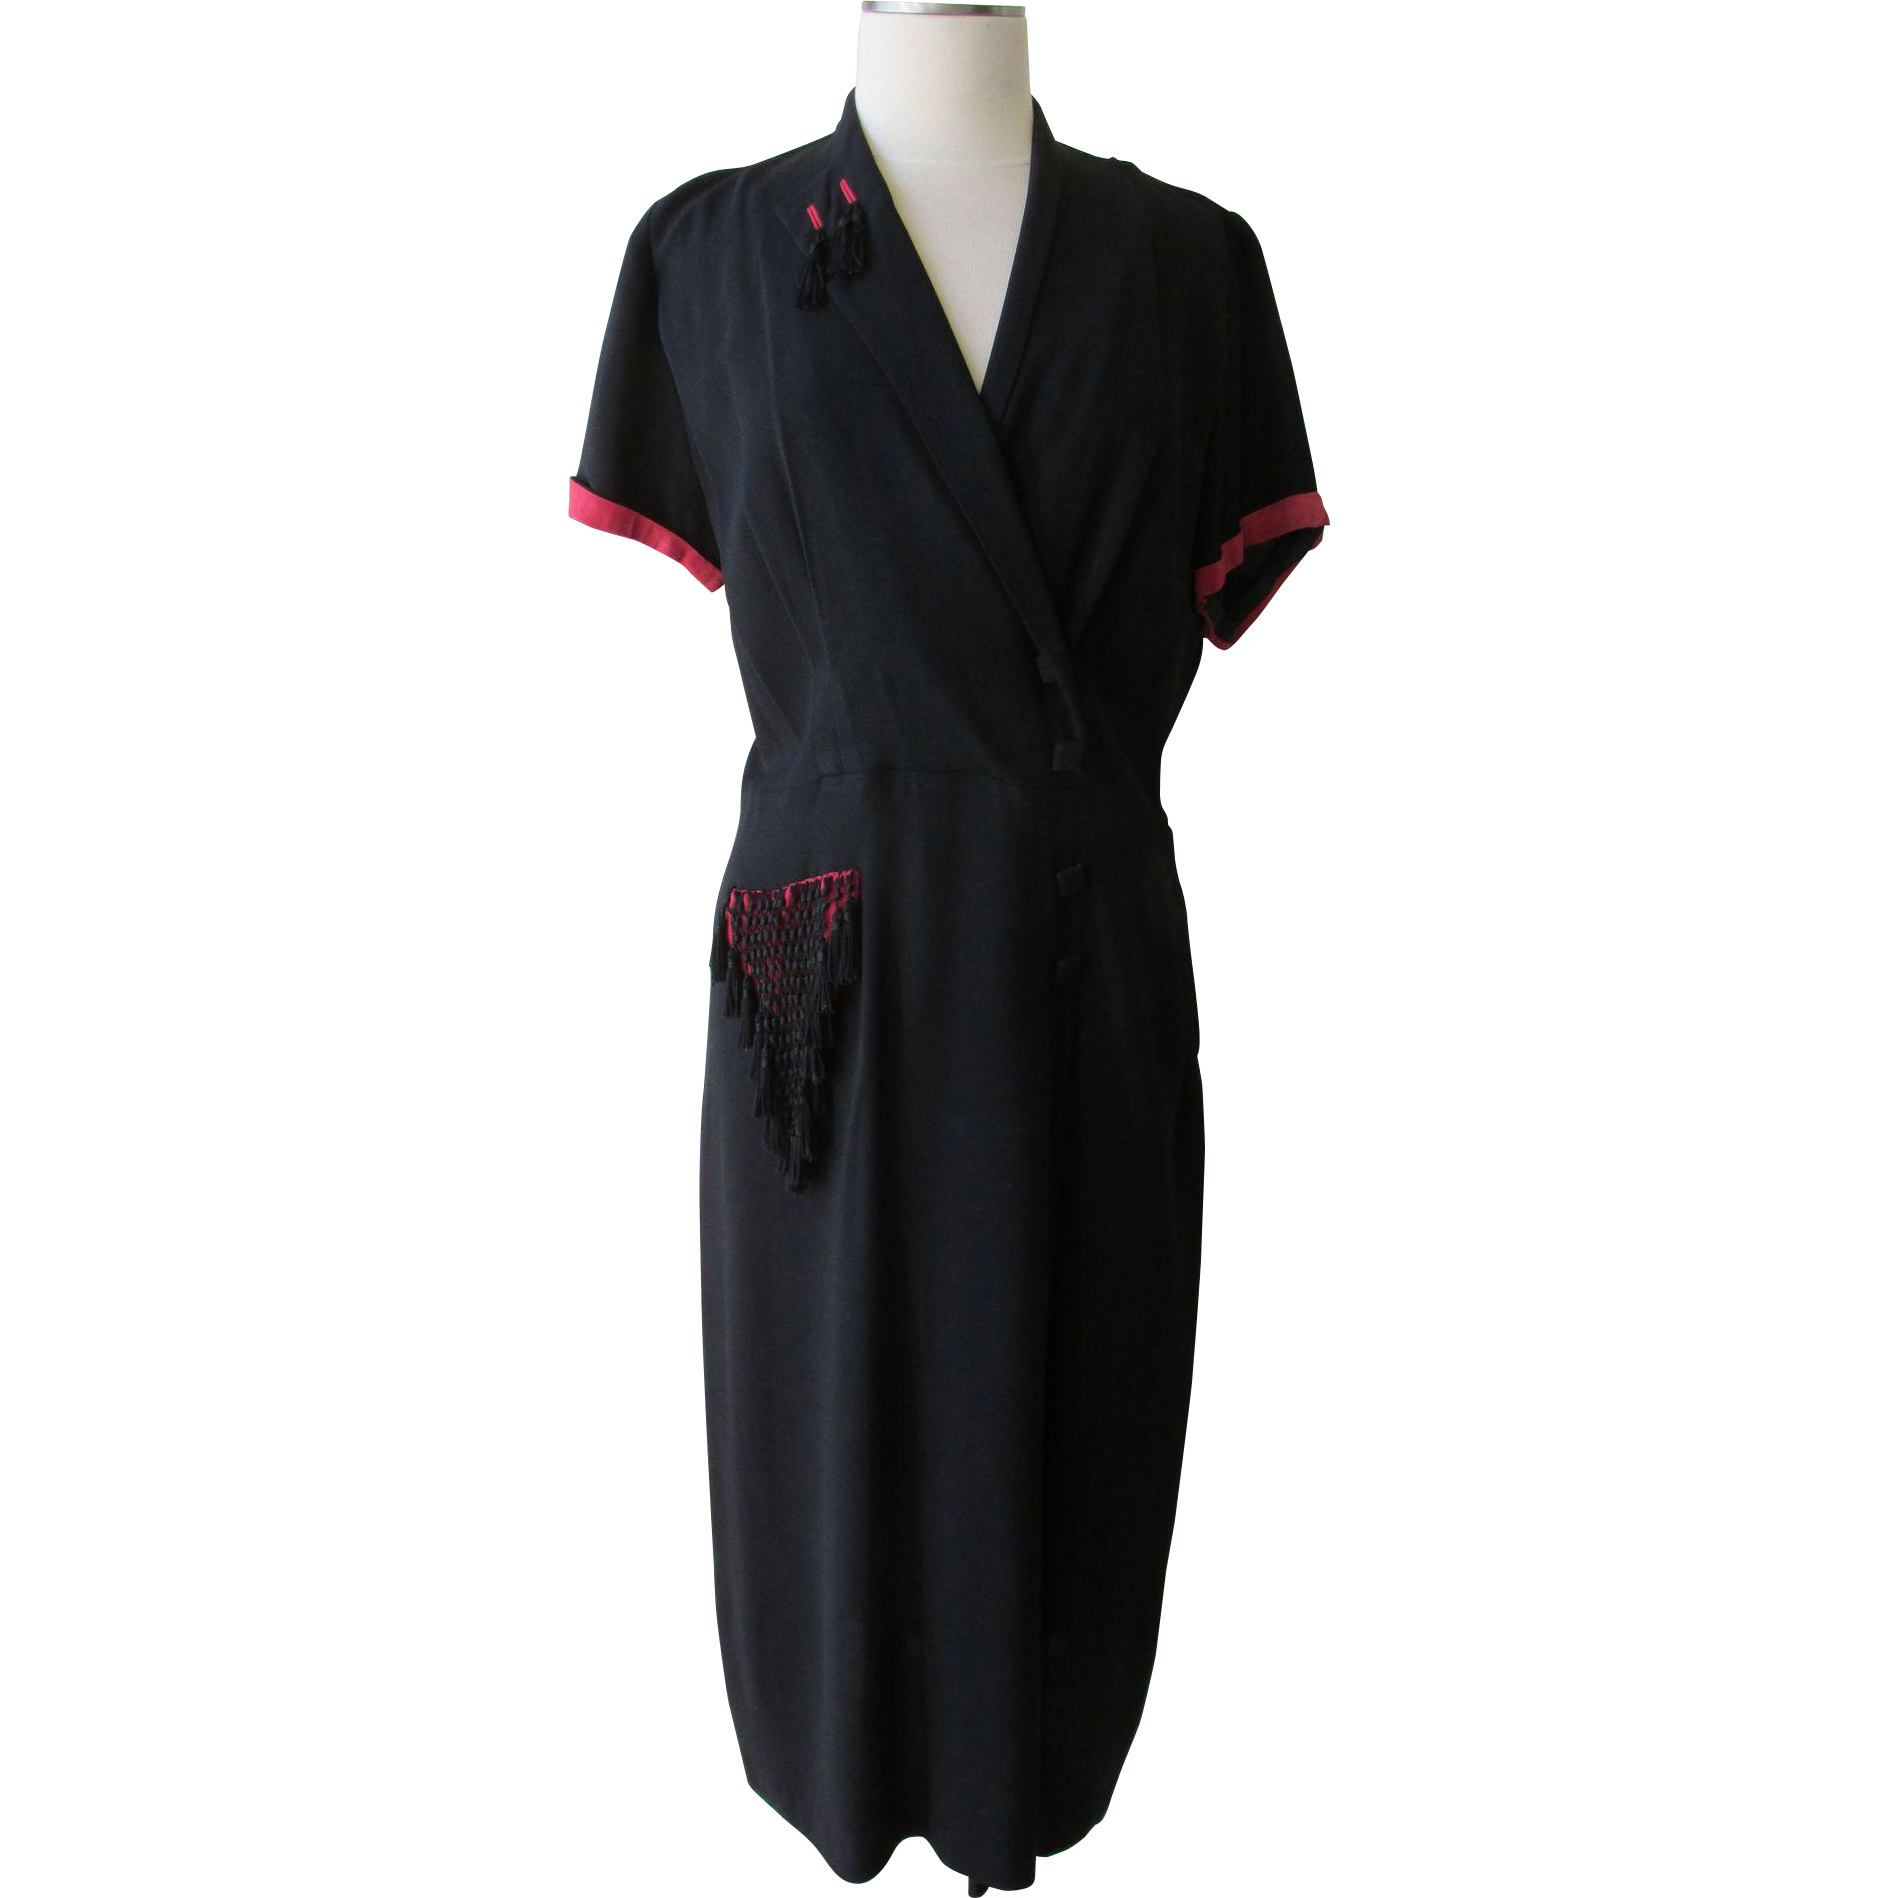 Vintage 1940s Norman Rosen Original Dress Black Crepe with Red detailing Black Fringe Tassels Sz L